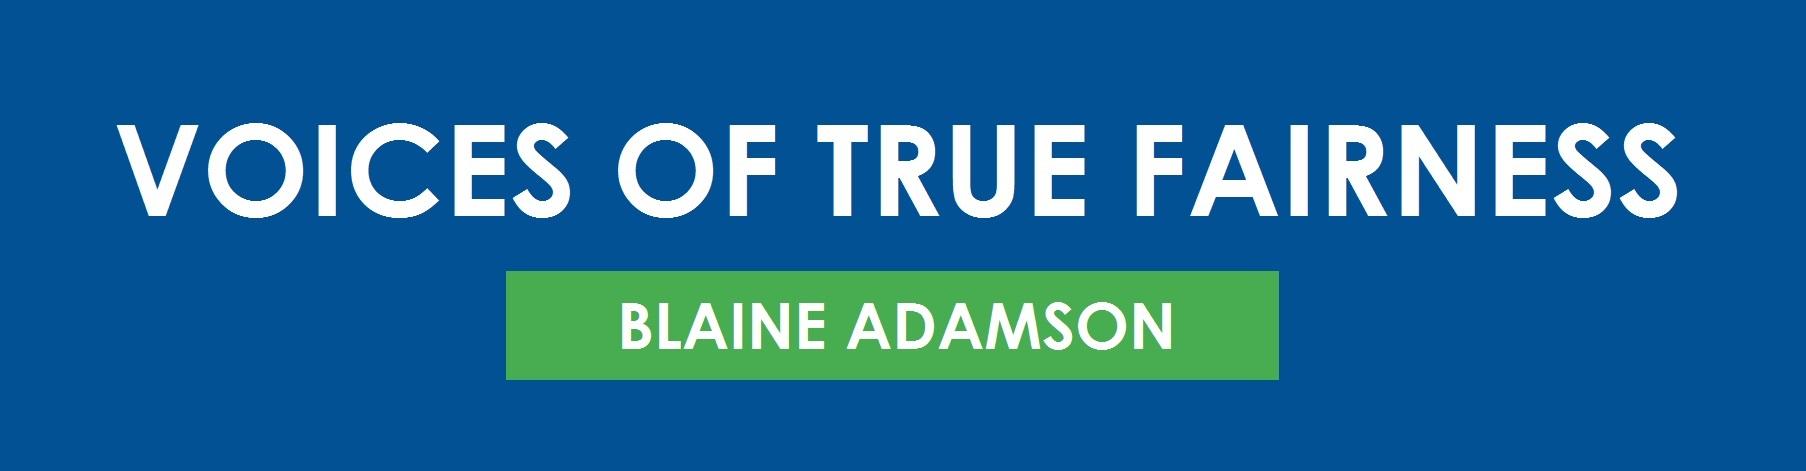 Blaine Adamson banner